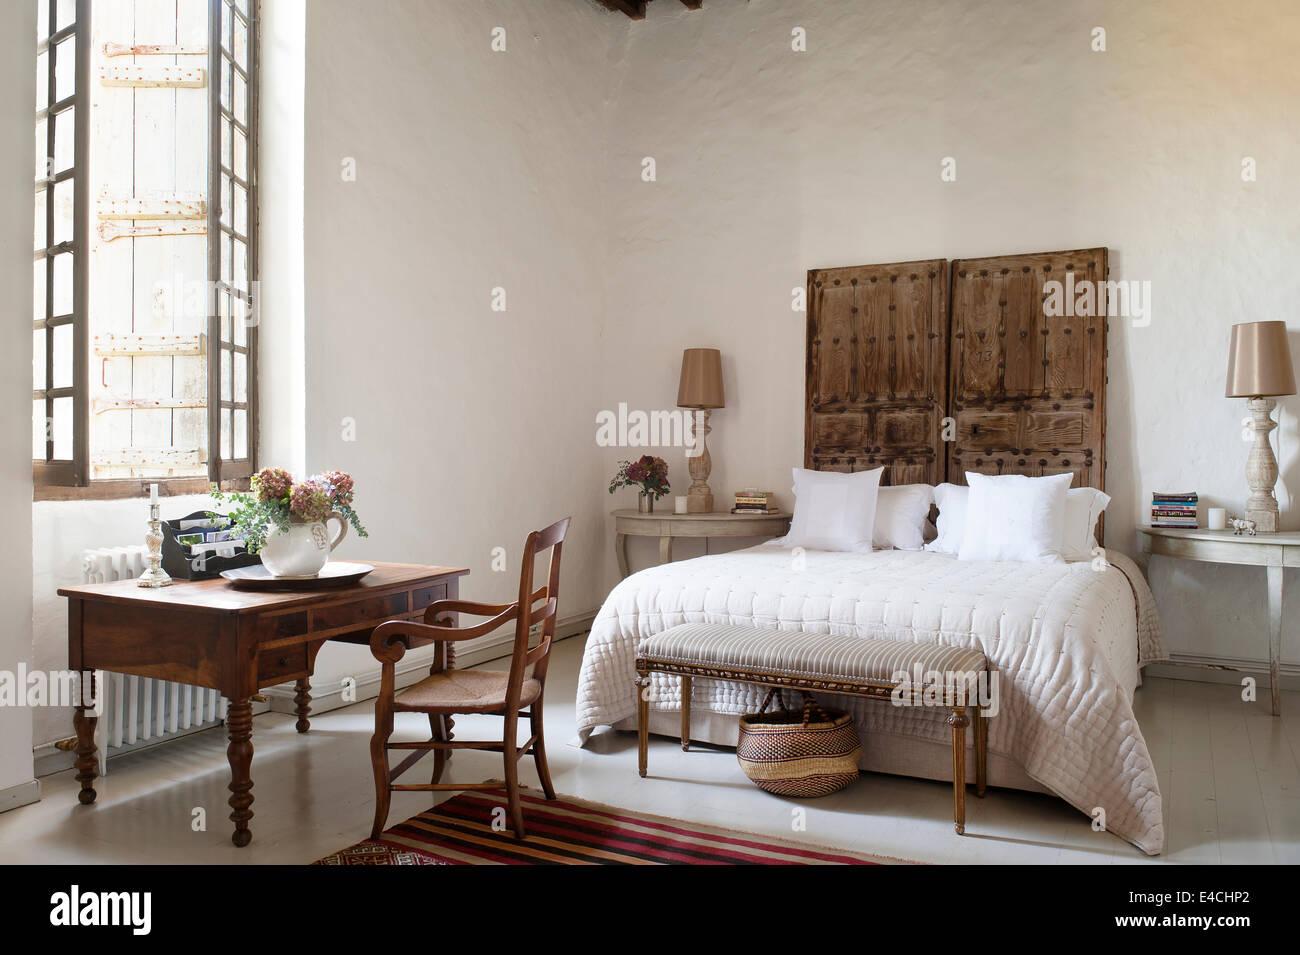 Testata Letto Con Porta Vecchia coppia di vecchie porte chiodati dietro il letto in spaziosa